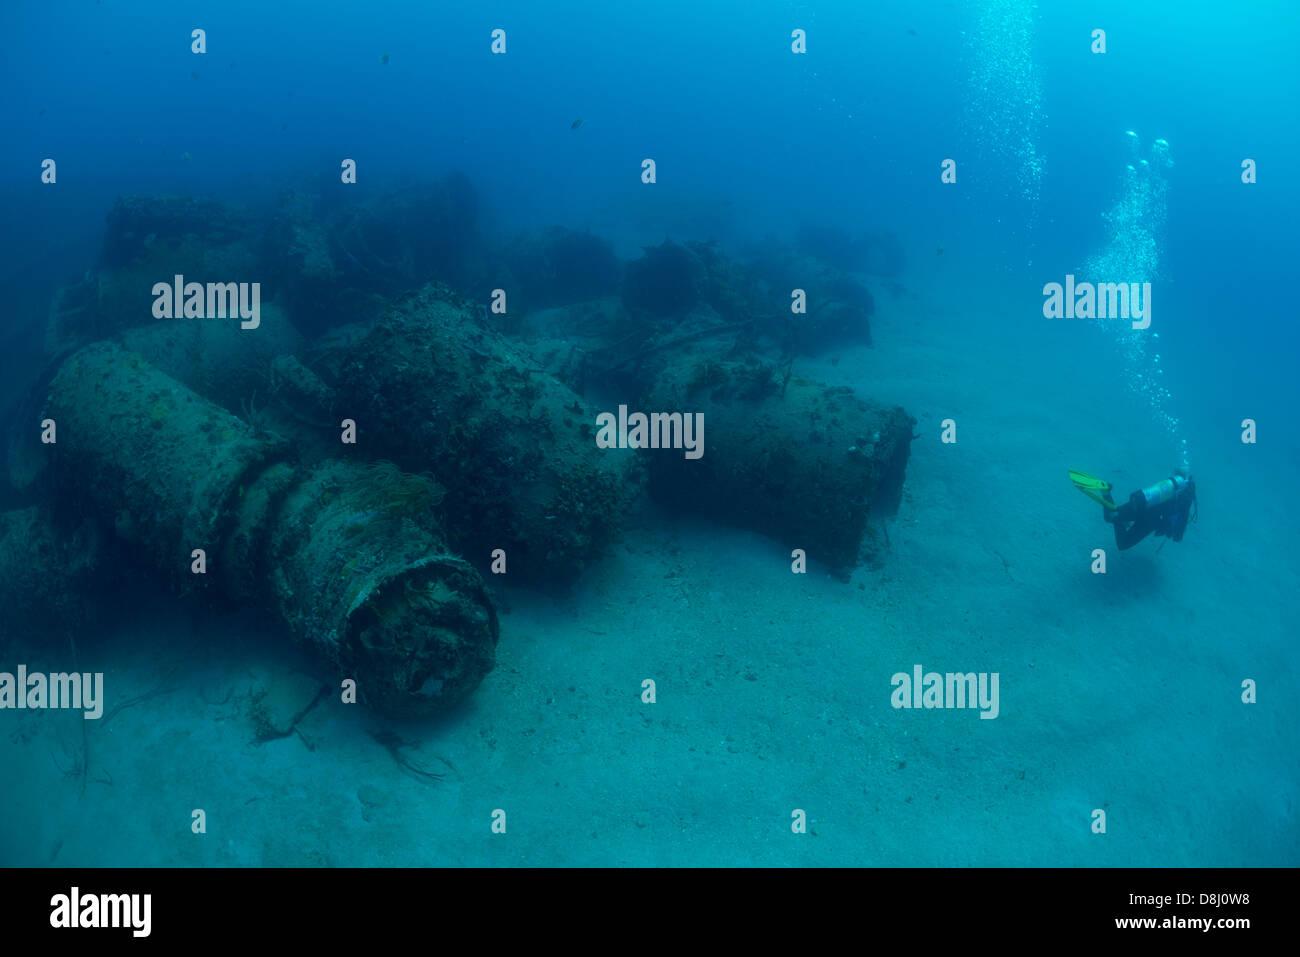 a scuba diver explore